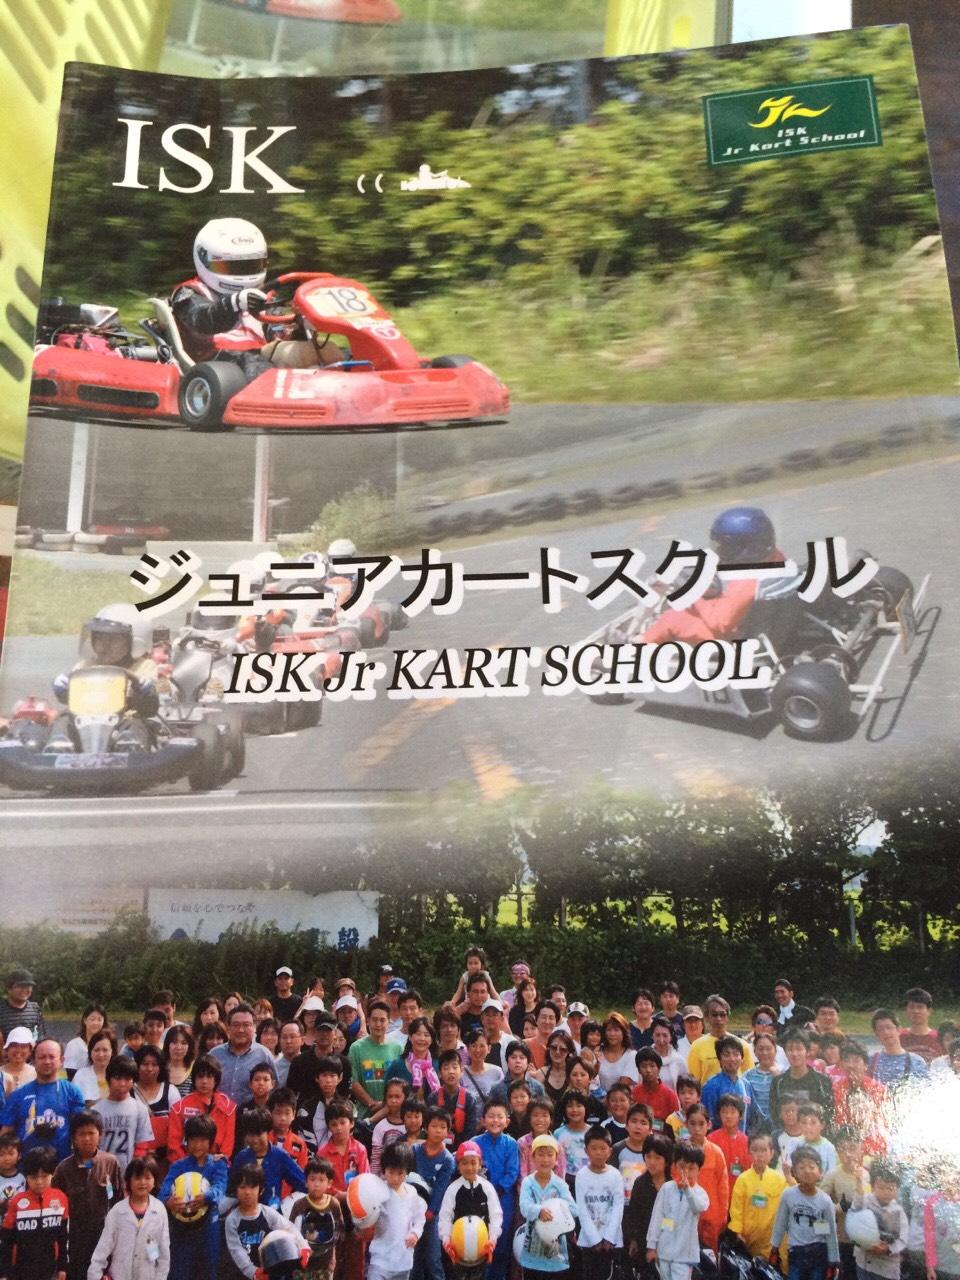 クイック浜名 ジュニアカートスクールパンフレット表紙